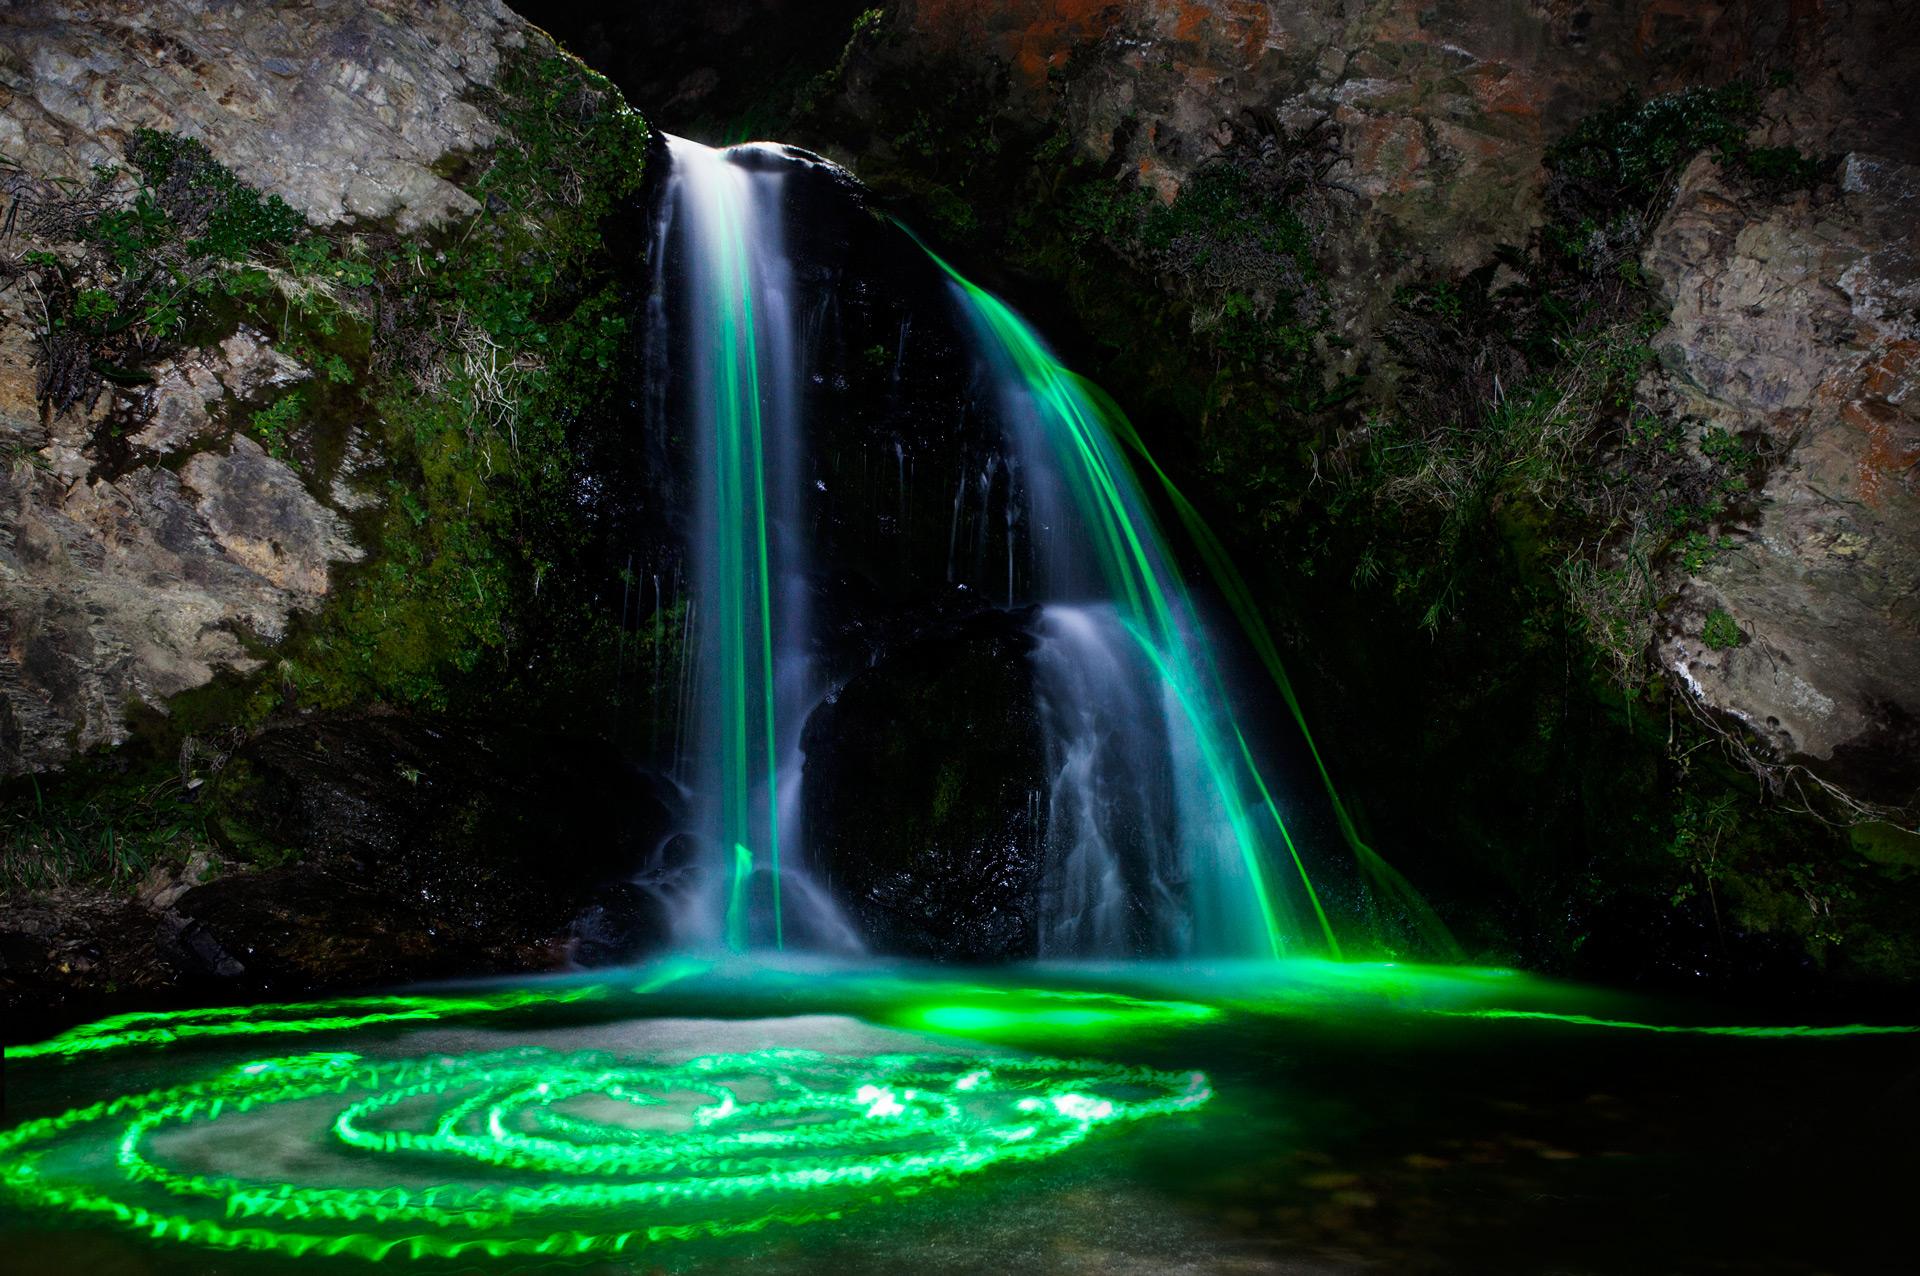 Neon luminance 06 dise o - Image de cascade ...